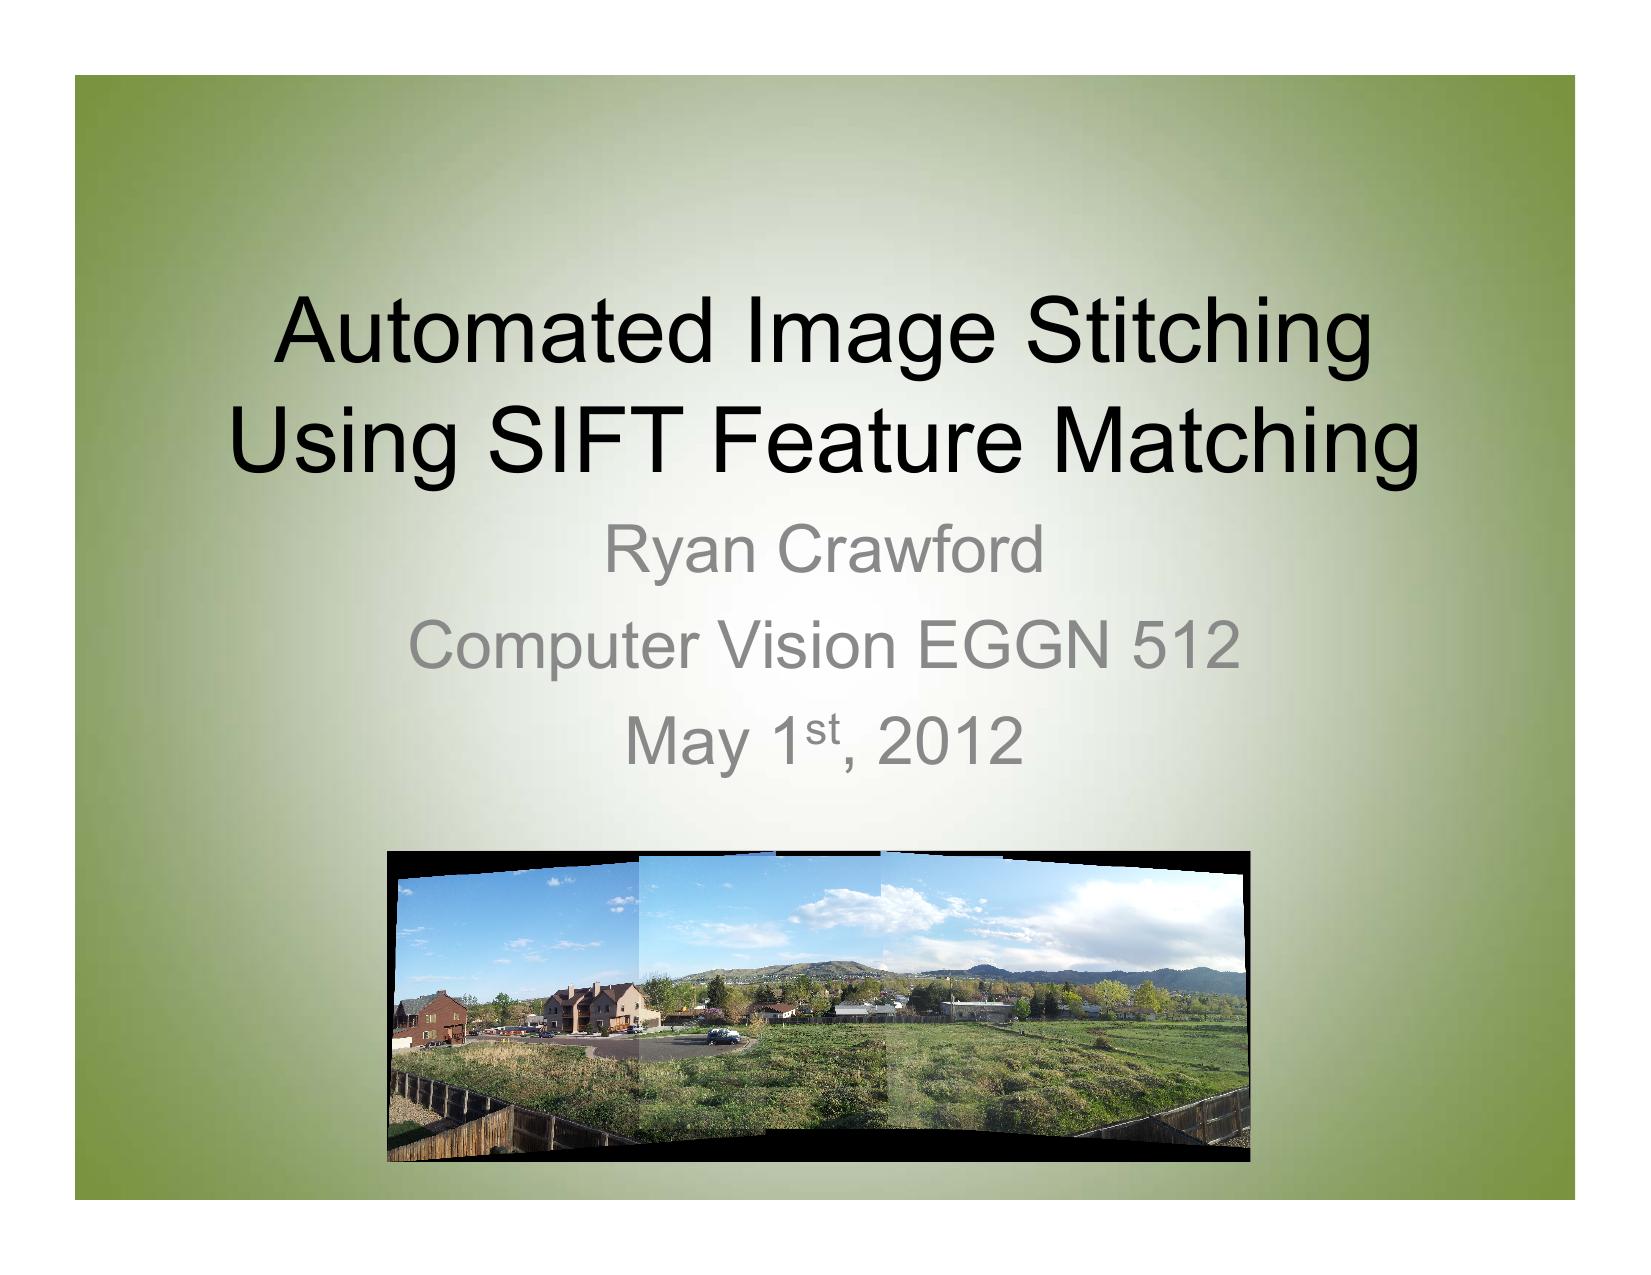 Automated Image Stitching Using SIFT Feature Matching Ryan